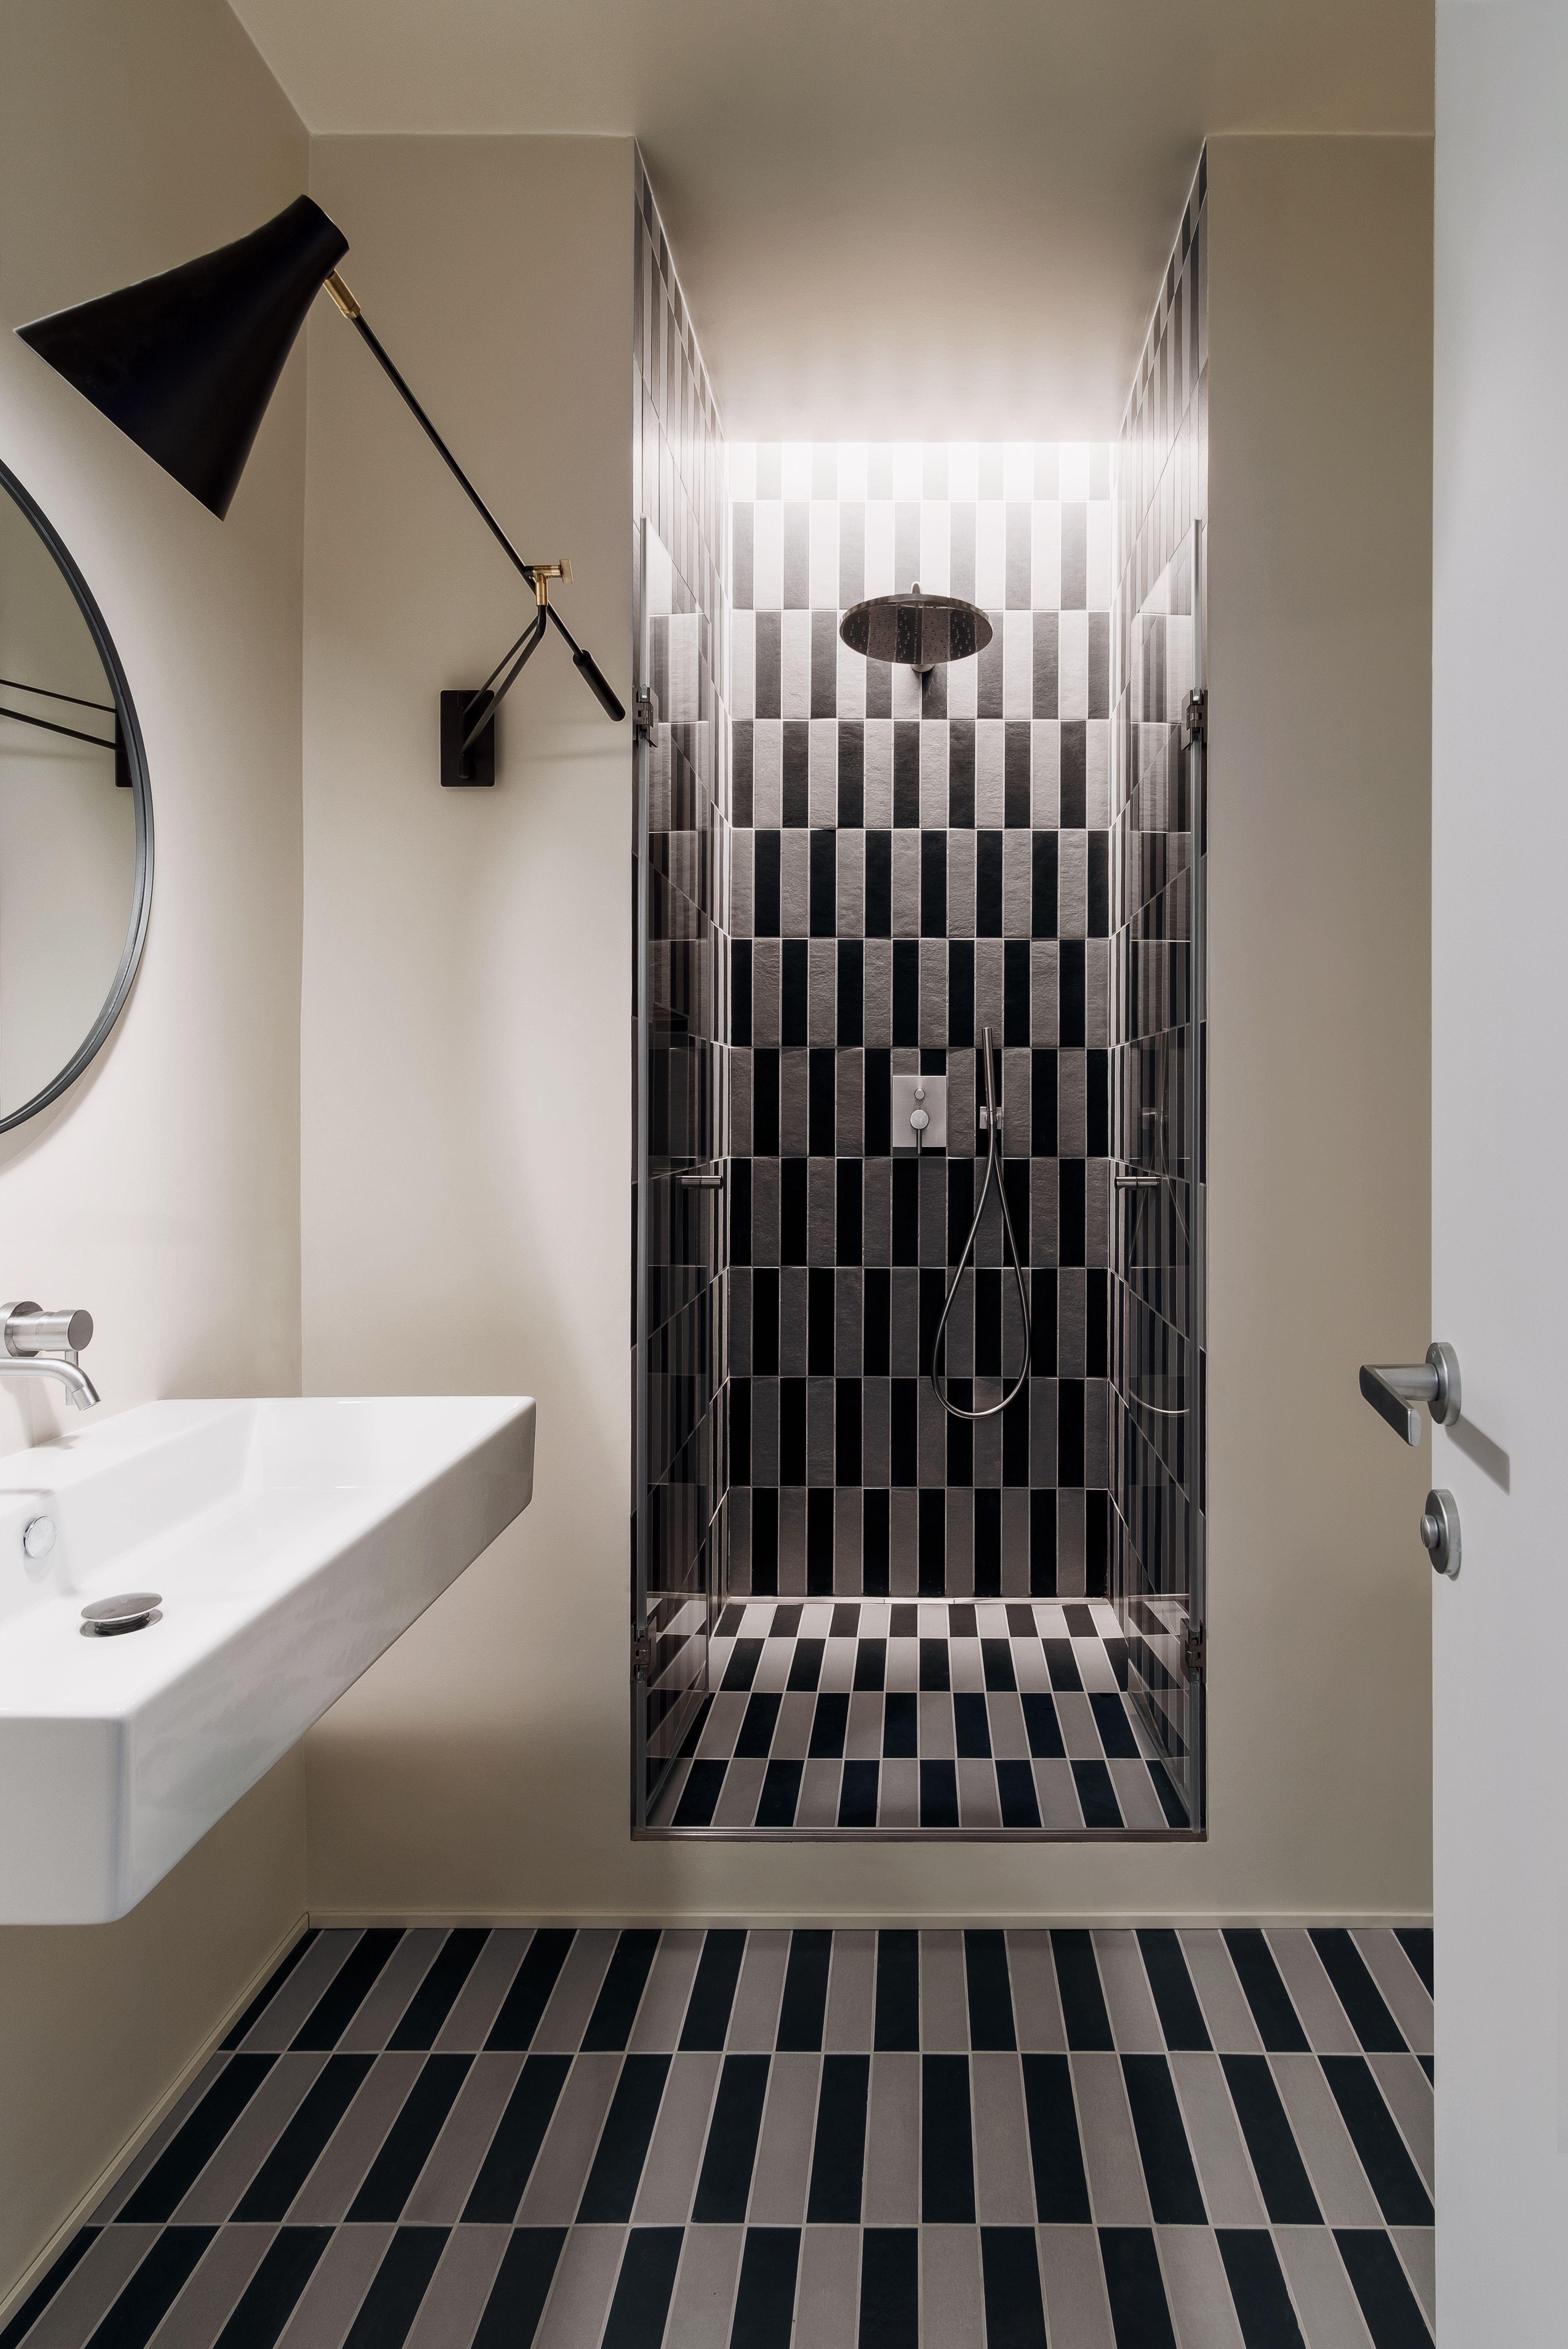 #house #interiordesign #luxuryhouse #interior #interiorarchitecture #bathroom #design #ceramicabardelli